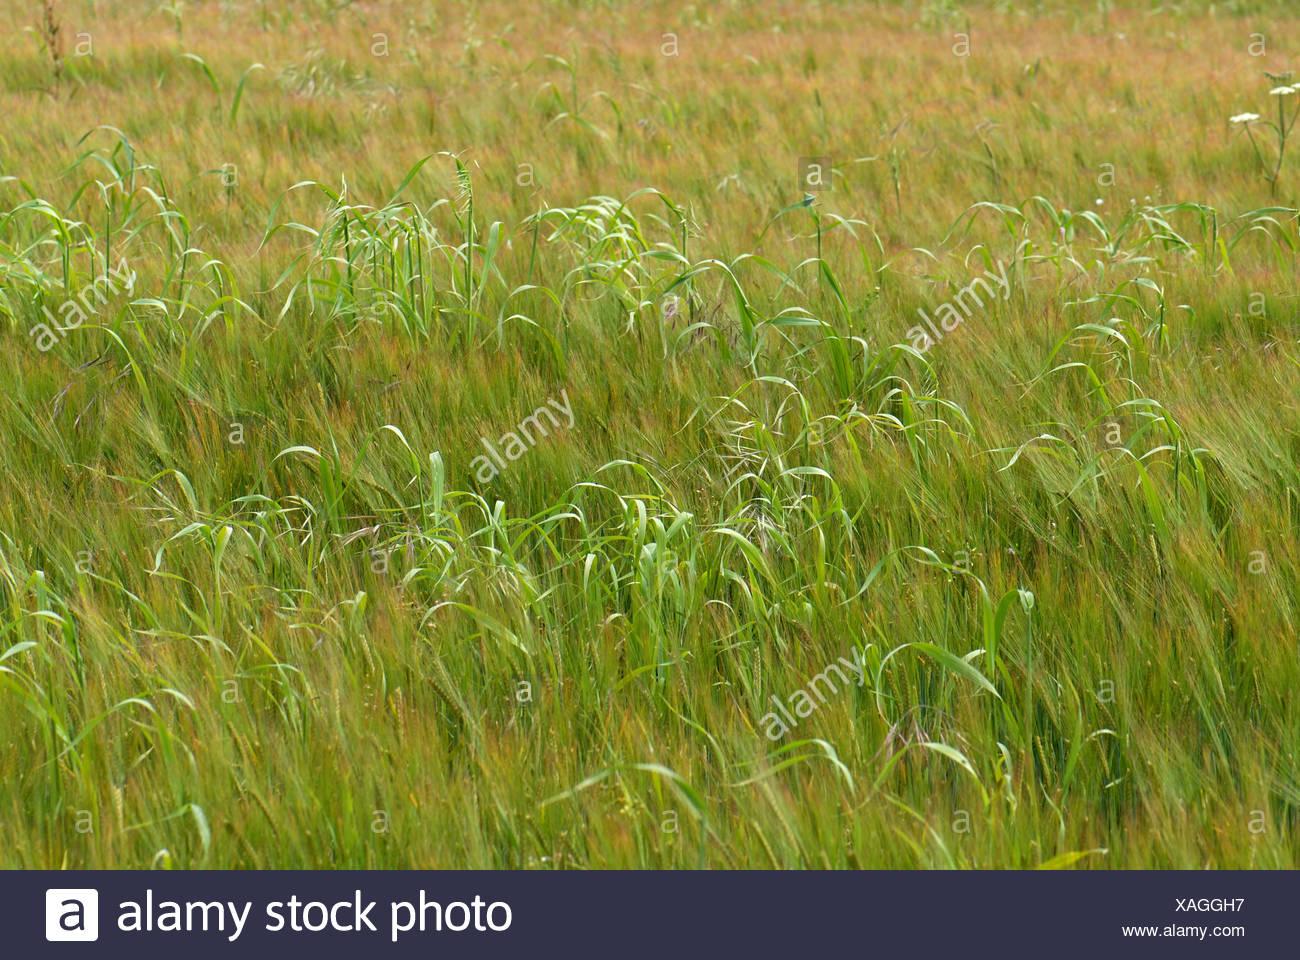 Wild oats Avena fatua beginning to flower in a weak barley crop in green ear Stock Photo